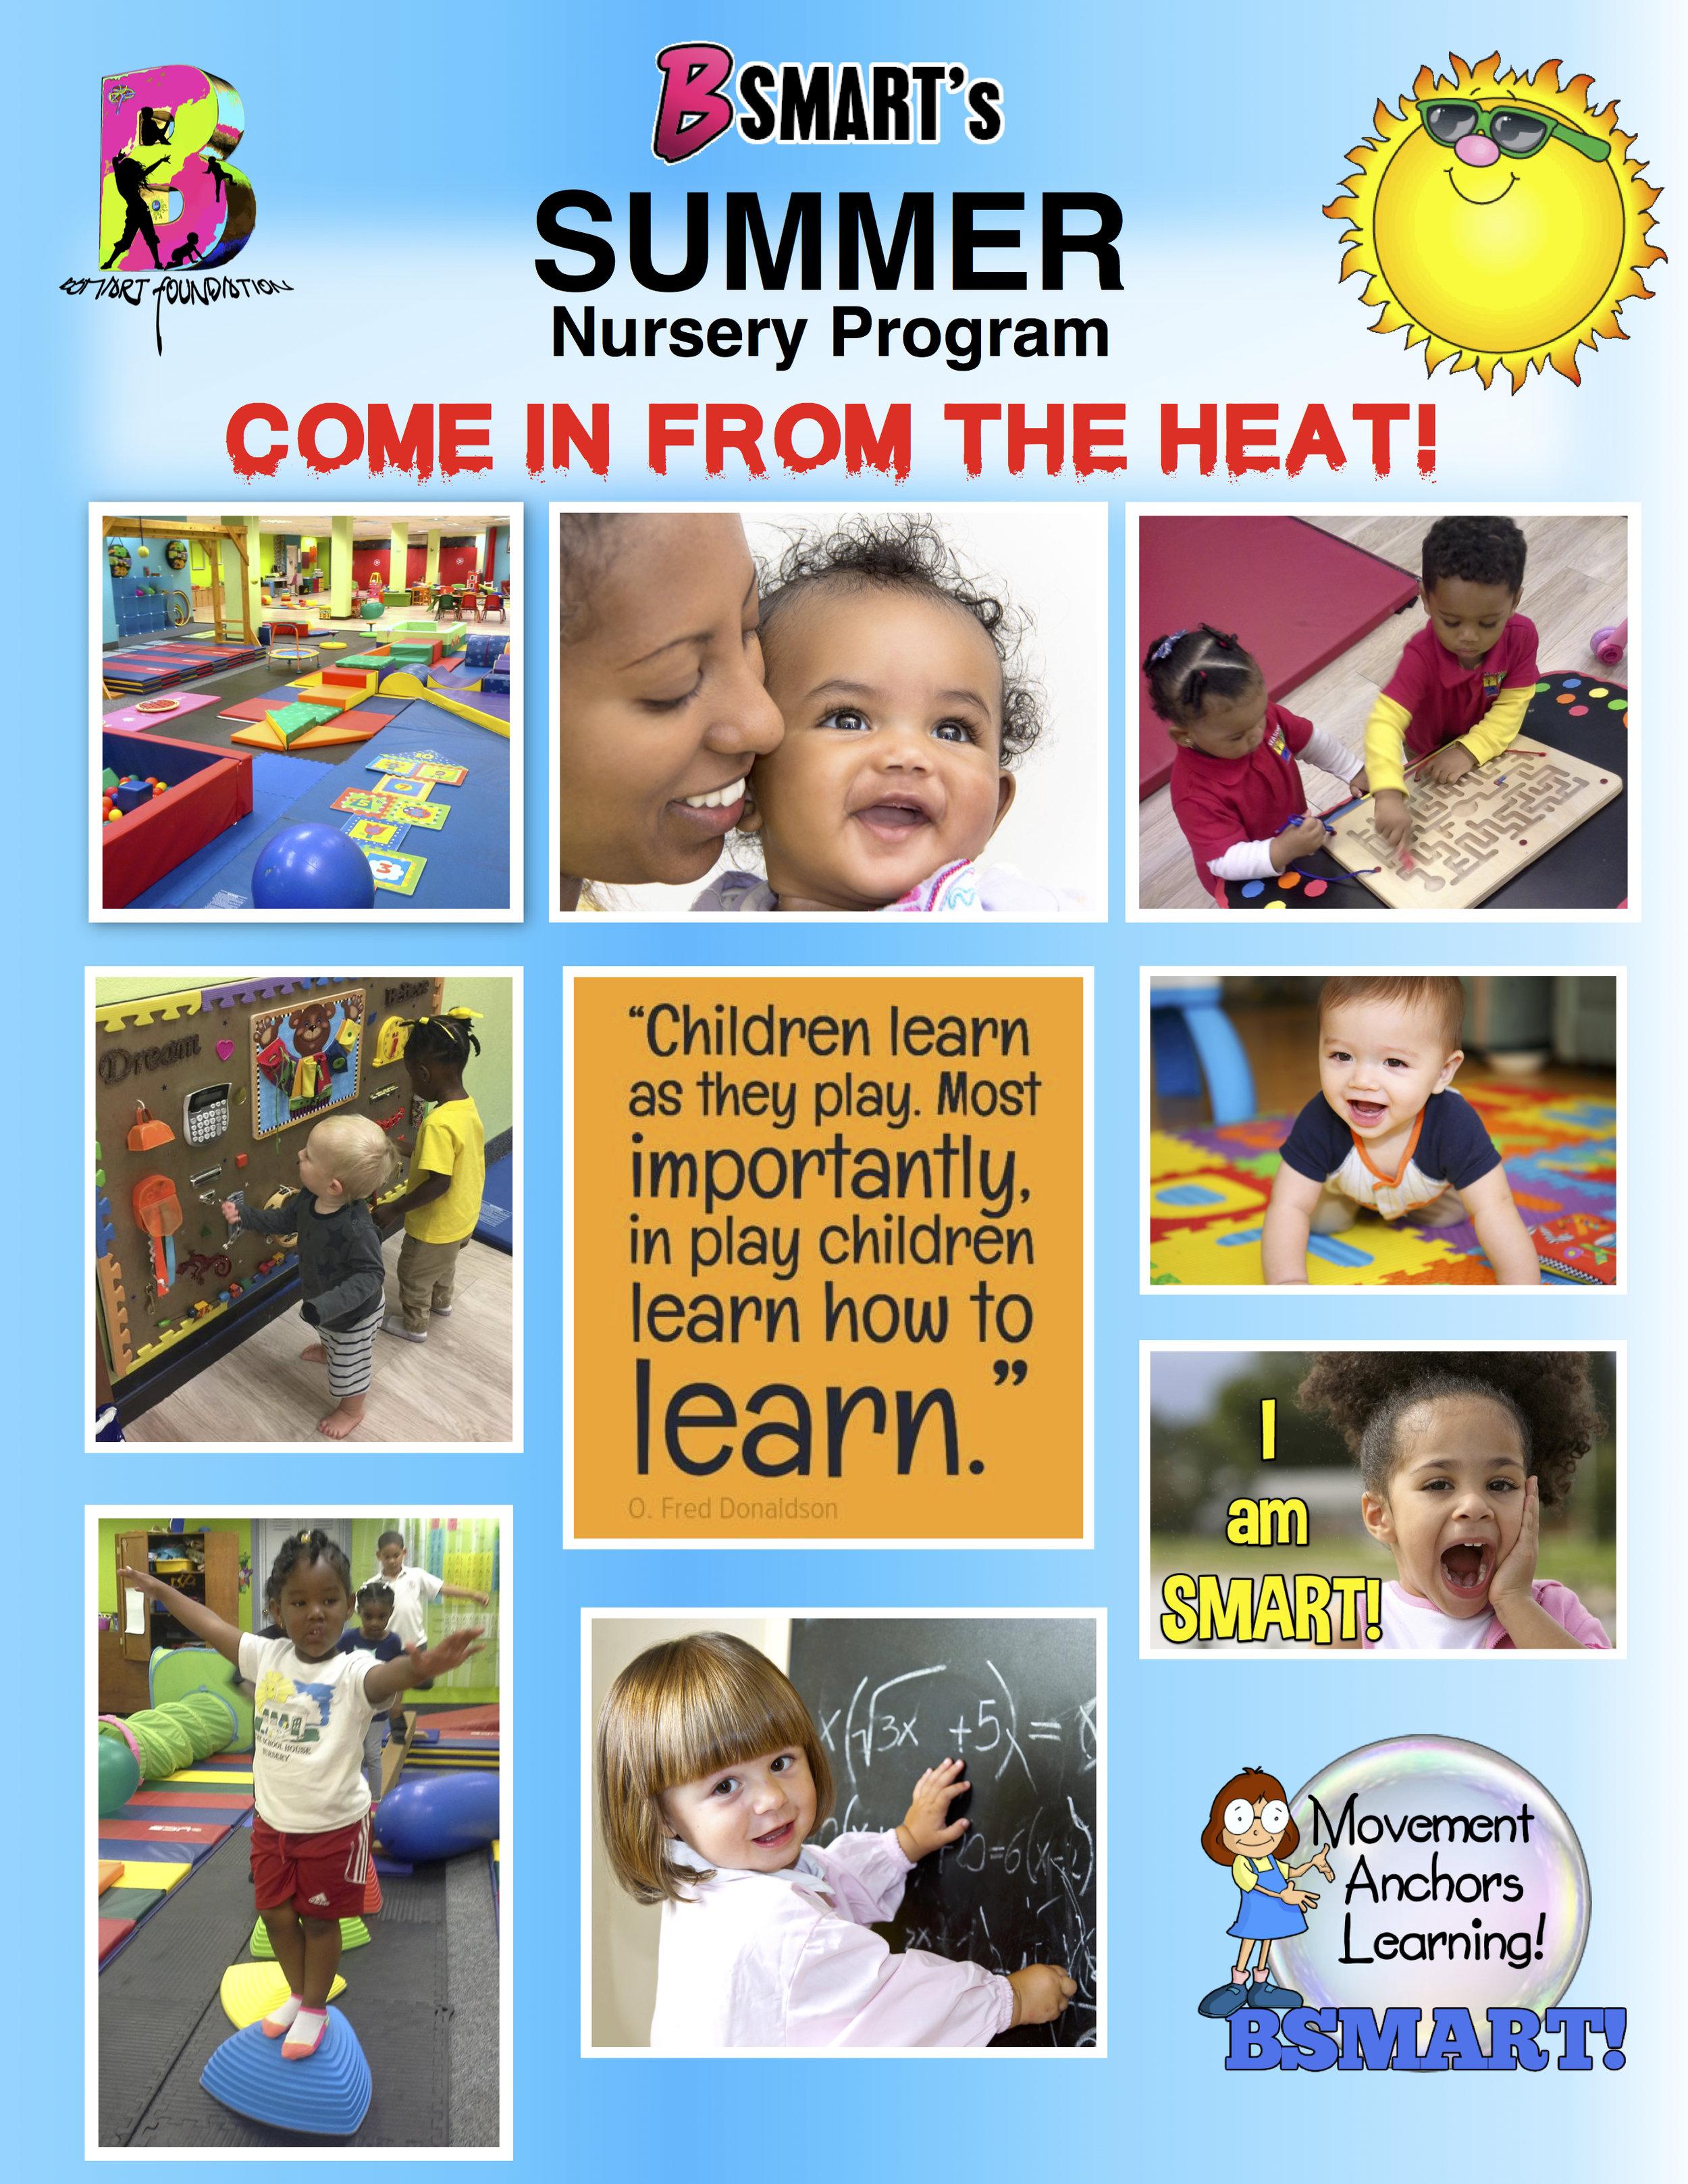 Nursery & Preschool programming Collage_2019.jpg